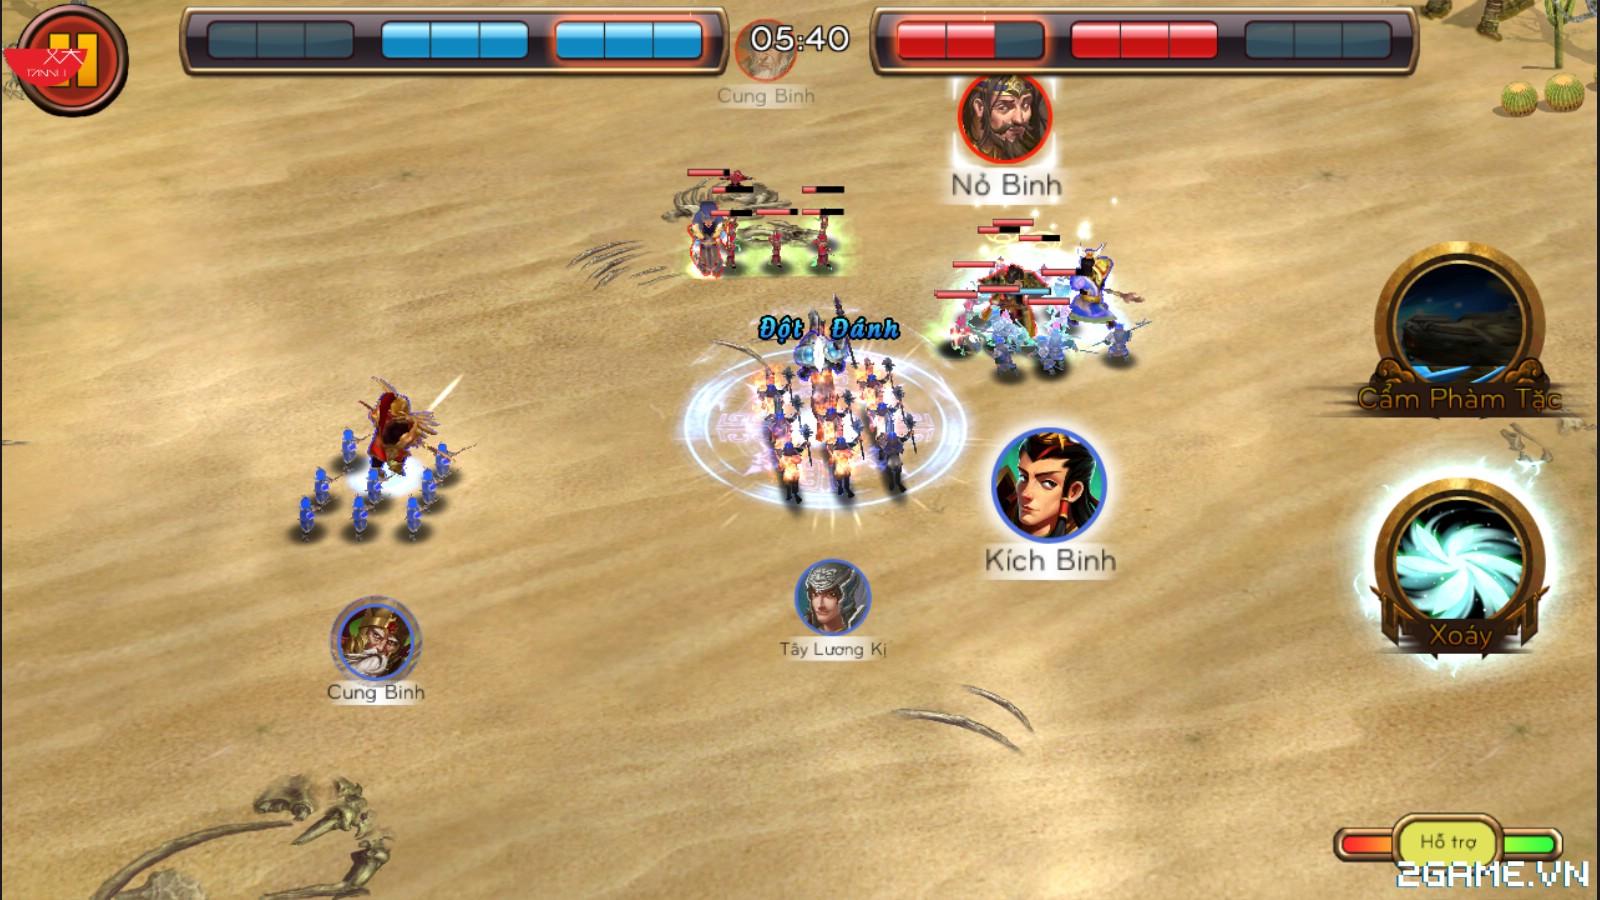 Bát Quái Trận Đồ mobile – Cách Điều Khiển Quân Đội – Chiến Đấu Trên Chiến Trường